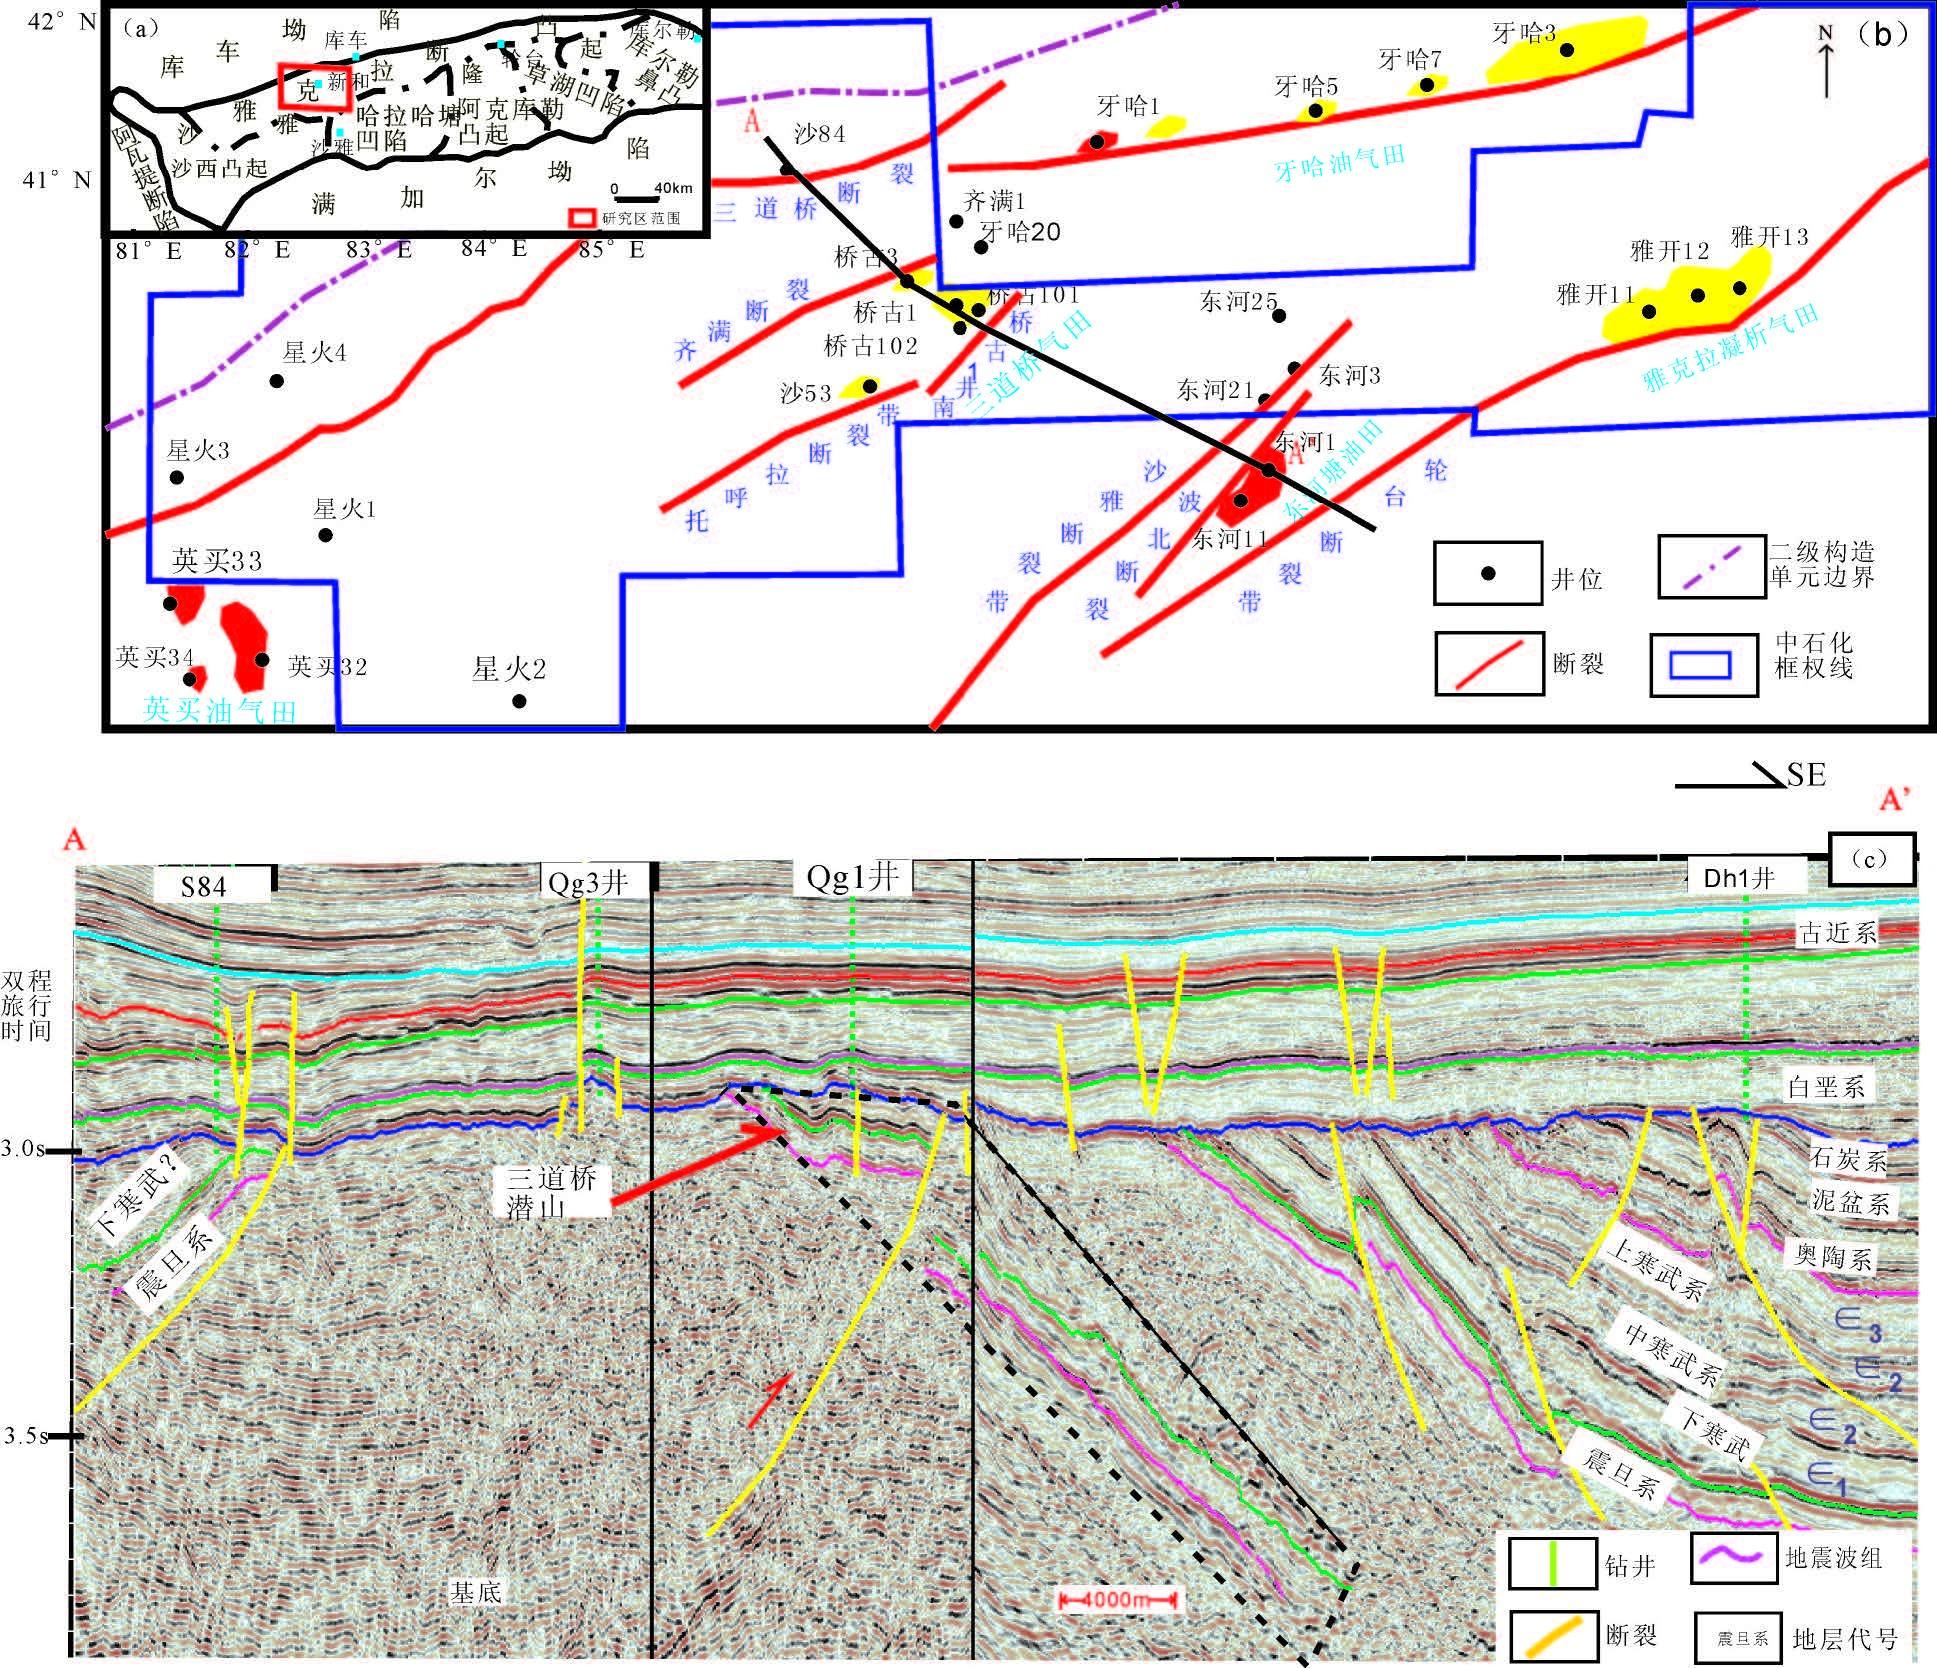 年中石化西北油田分公司在新疆